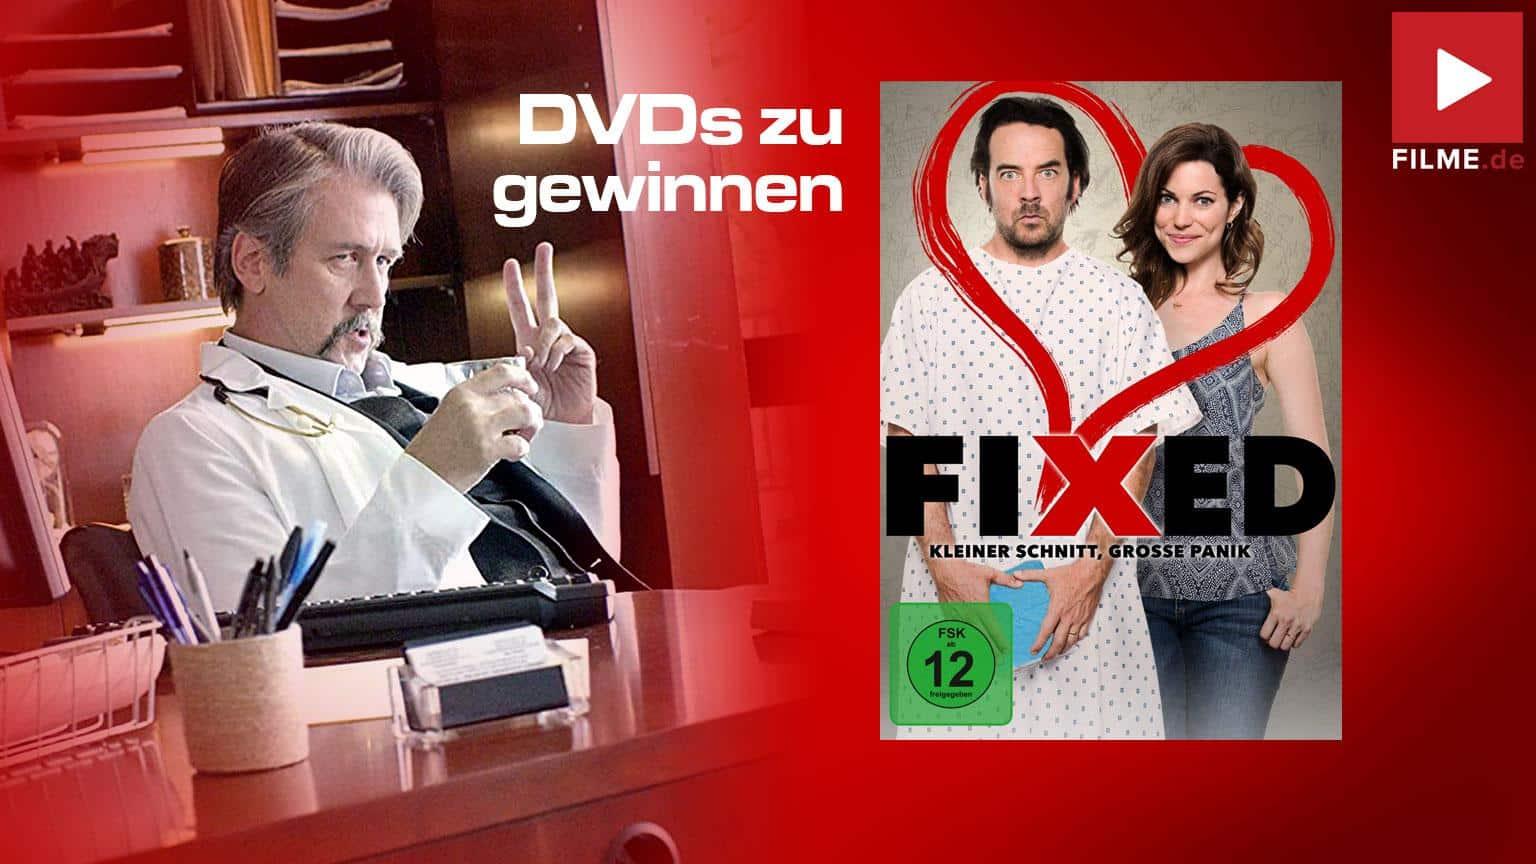 Fixed kleiner Schnitt große Panik Film 2020 Shop kaufen DVD Gewinnspiel gewinnen Artikelbild